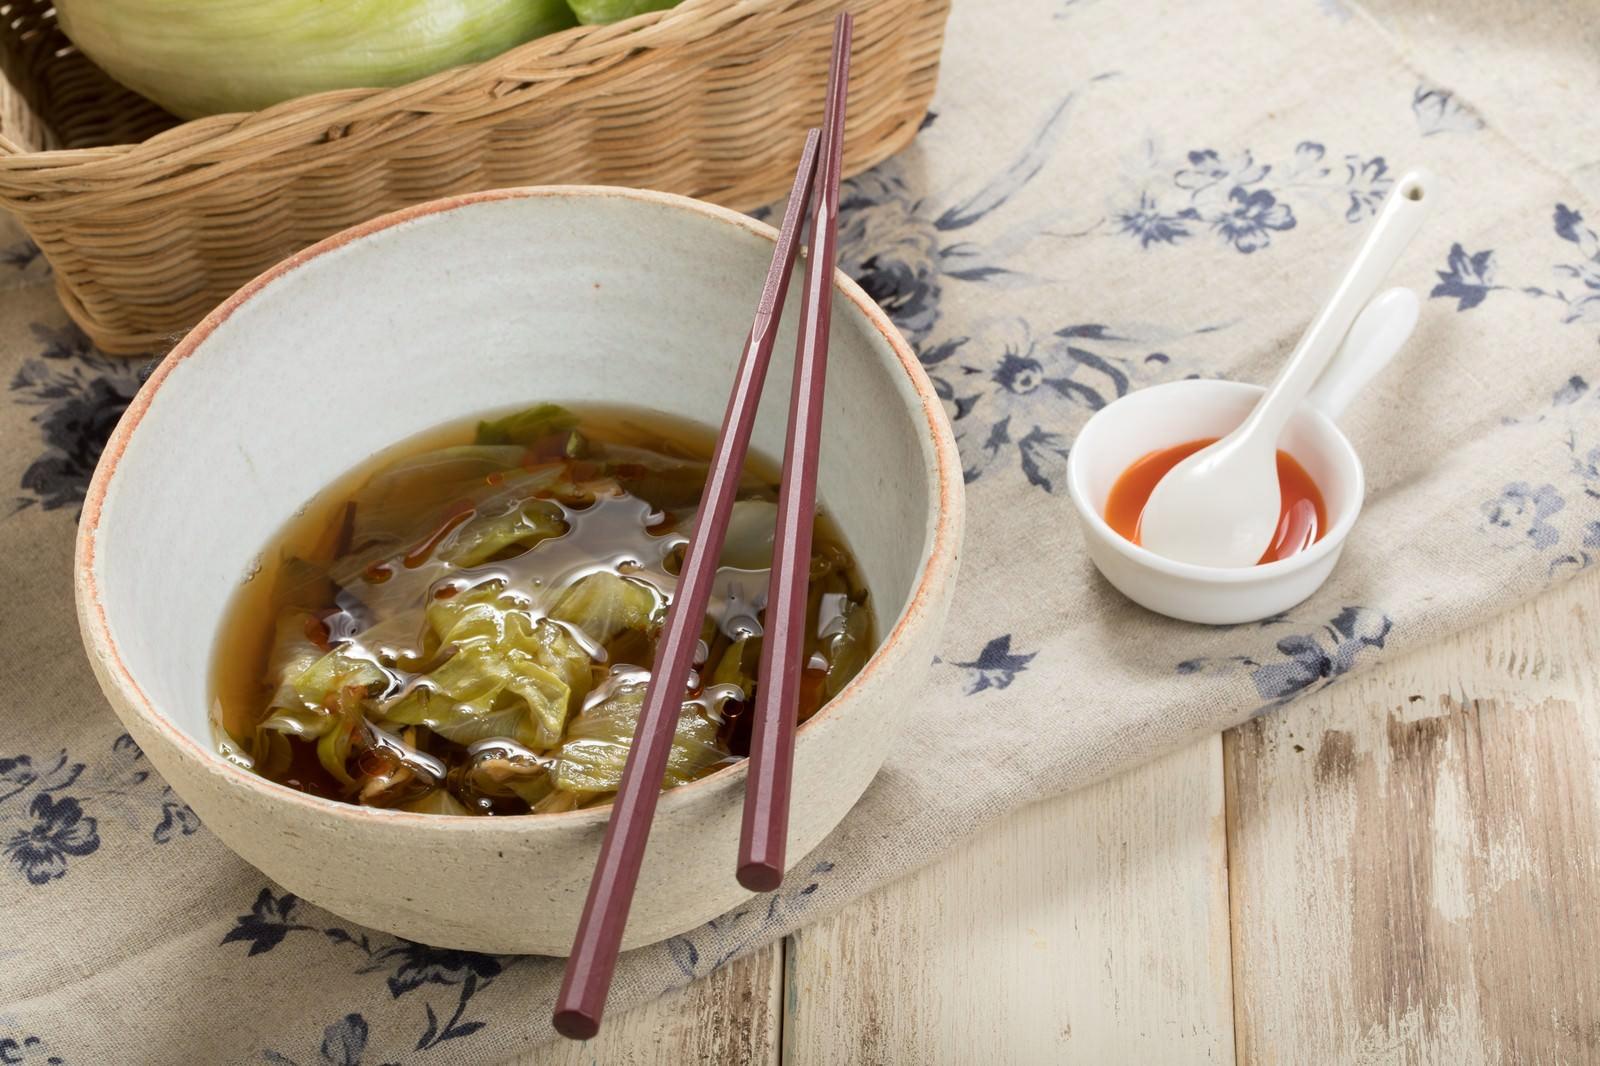 「レタスのスープとラー油 | 写真の無料素材・フリー素材 - ぱくたそ」の写真